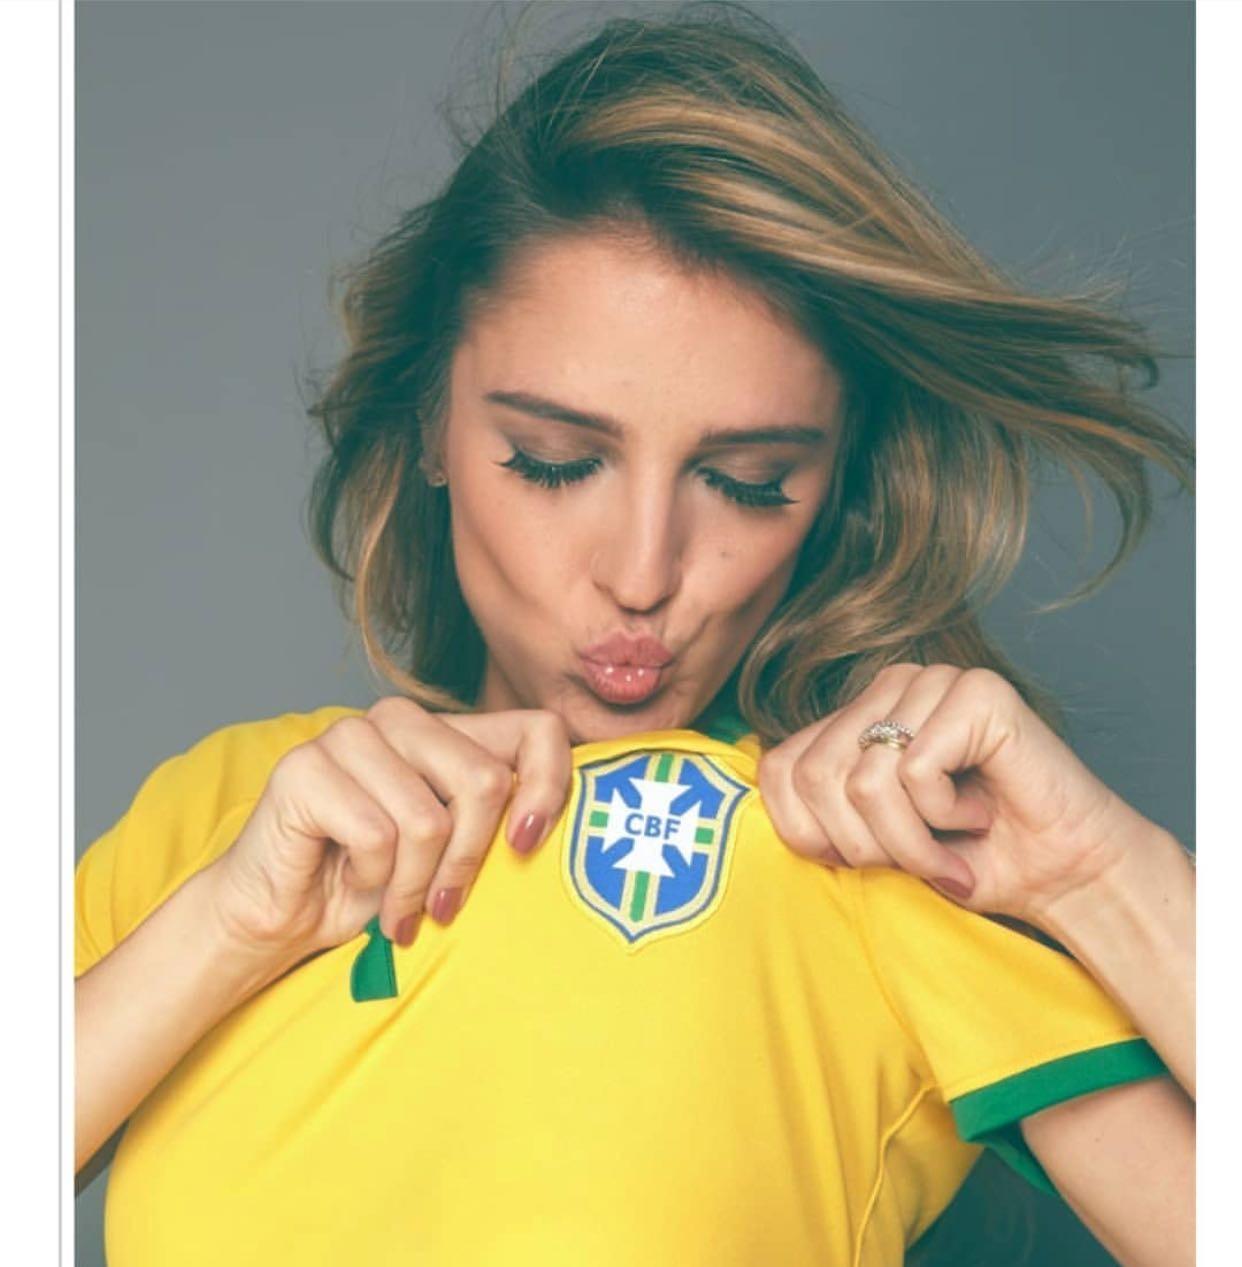 Rafa Brites: Vai!!!!!! Na boa, não é chique dizer isso mas eu já acordo com dor de barriga aff... Ps: entenda CBF como o escudo do Brasil, da seleção de futebol. Pq a CBF instituição não merece beijo, nem aperto de mão... (Foto: Reprodução/Instagram)